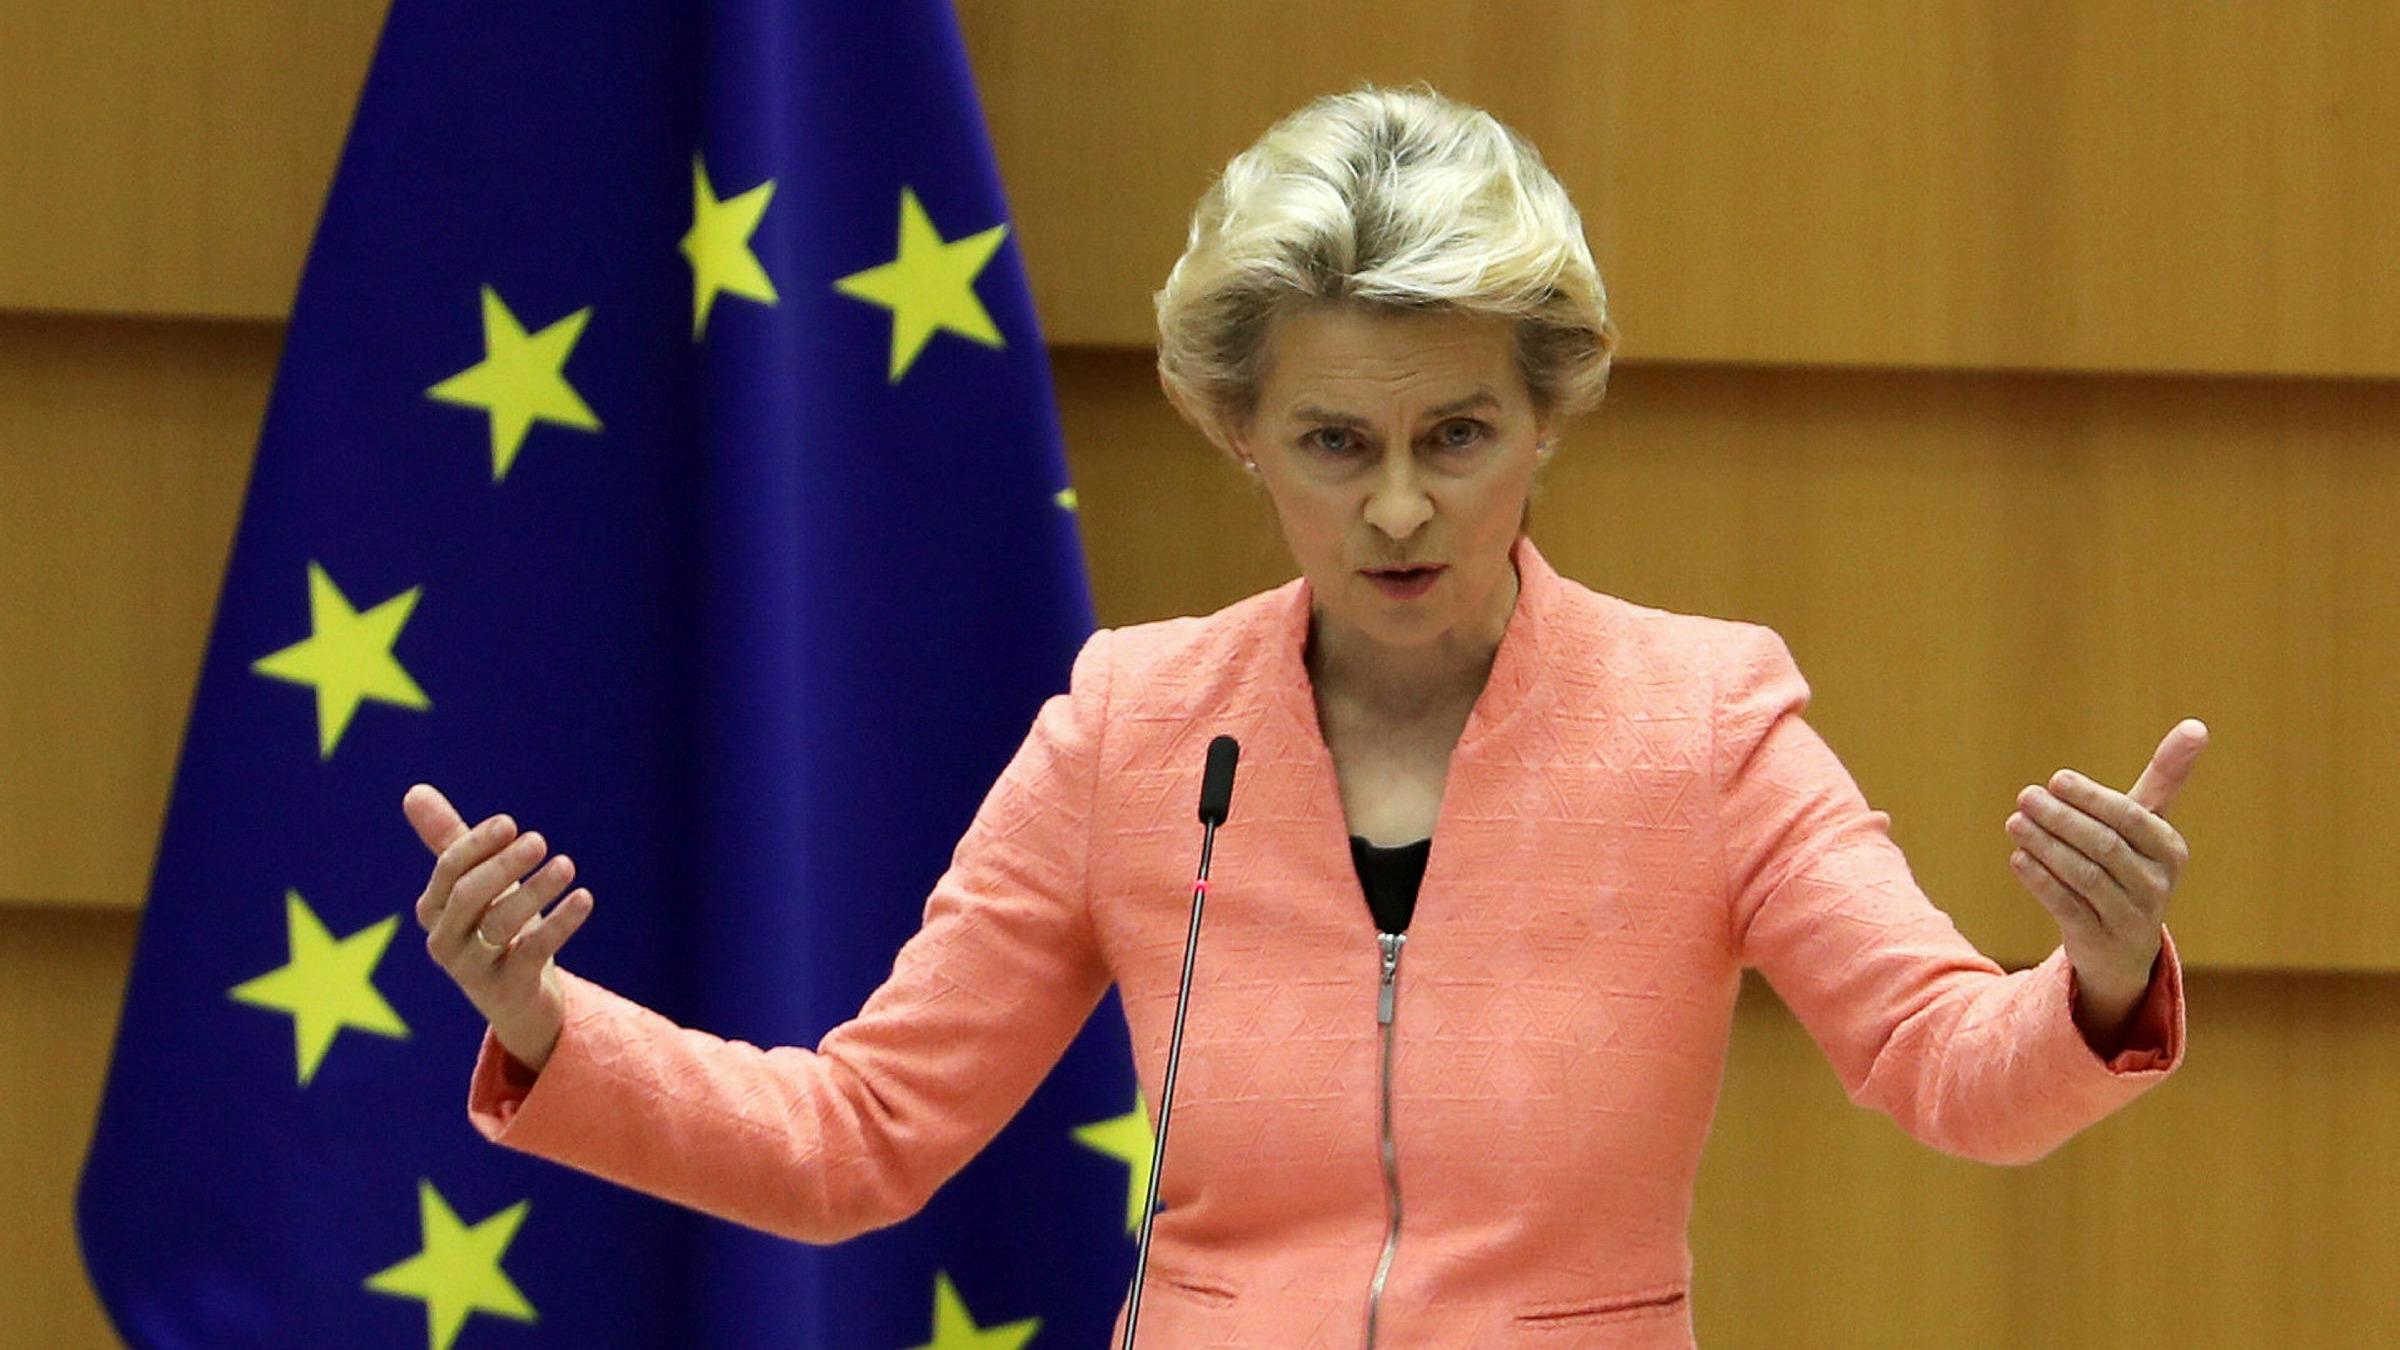 歐盟 | 將瞄準區塊鏈和數位數據技術,投資近 1,000 億美元的資金